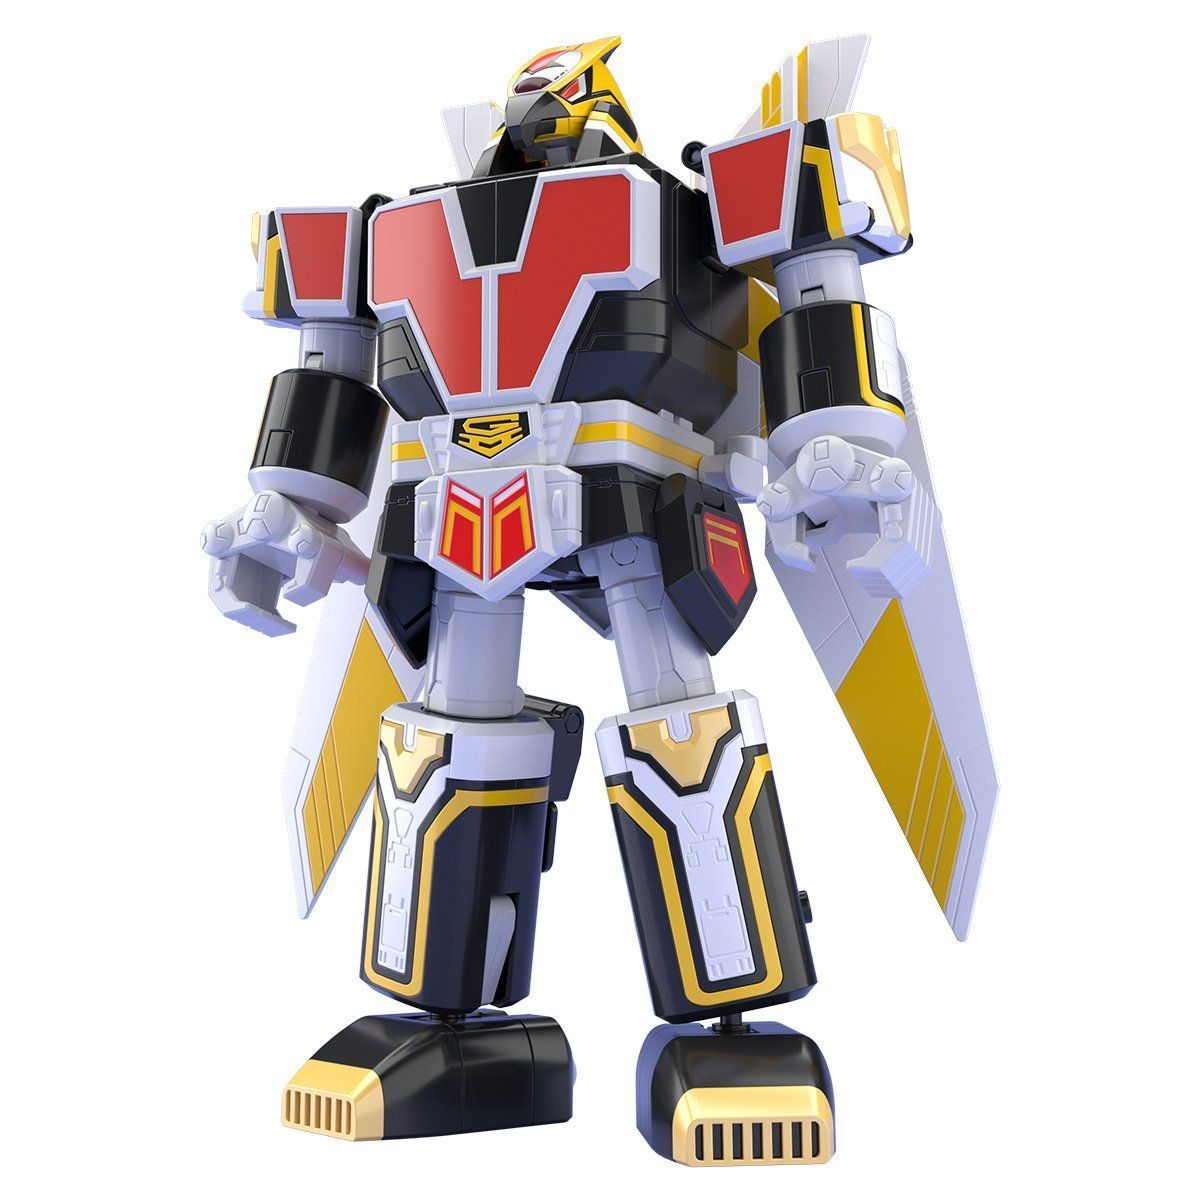 【食玩】スーパーミニプラ『超弩級 ジェットガルーダ』鳥人戦隊ジェットマン プラモデル-001